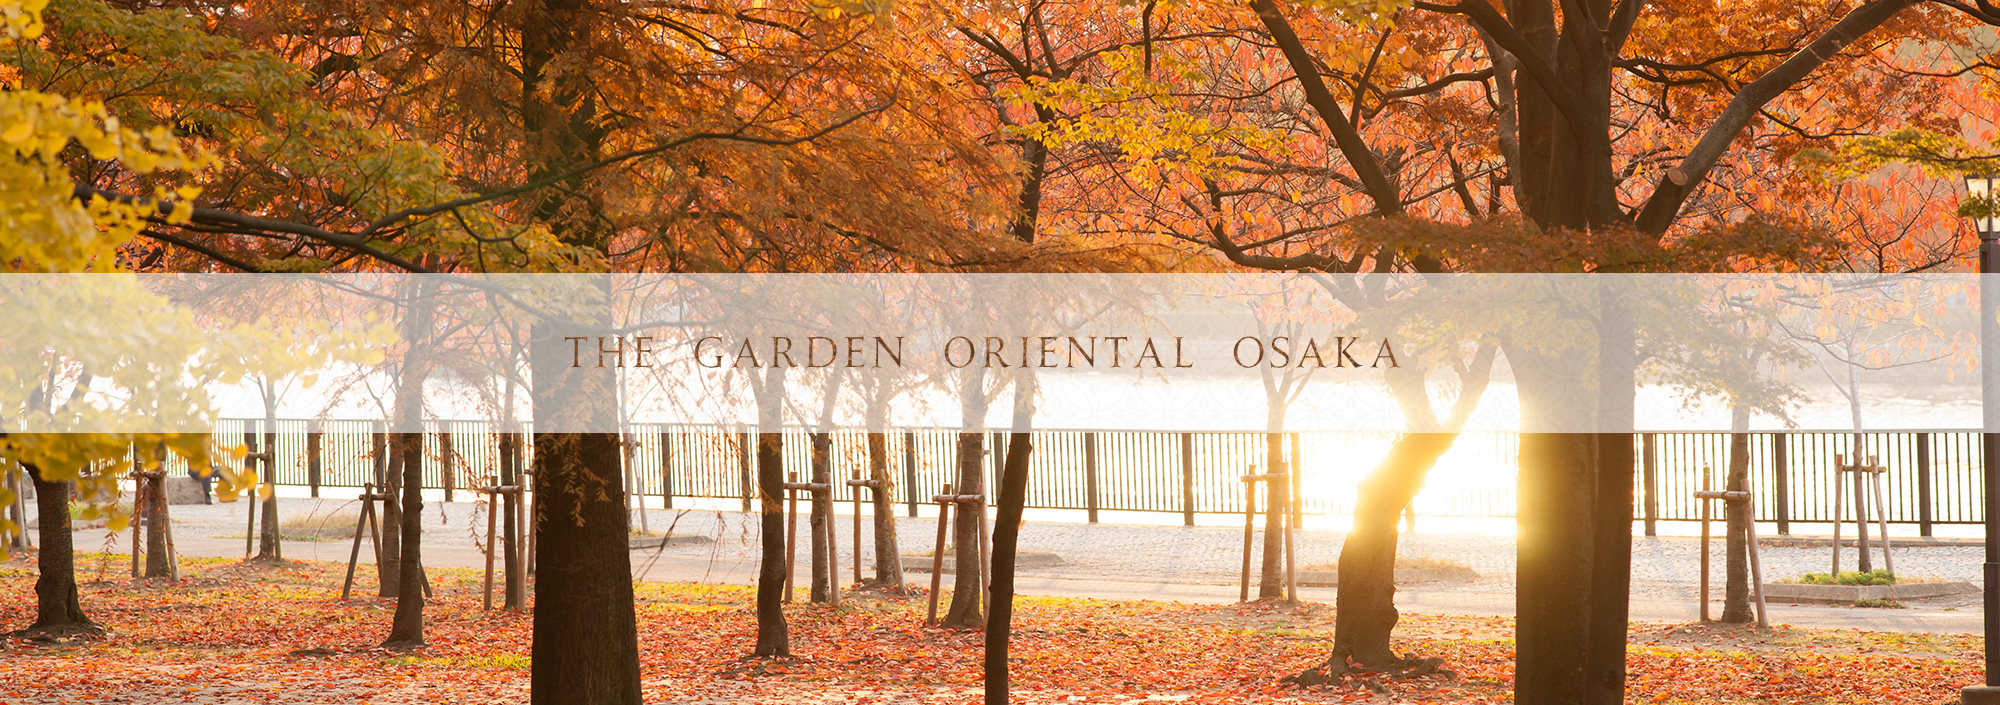 THE GARDEN ORIENTAL OSAKA